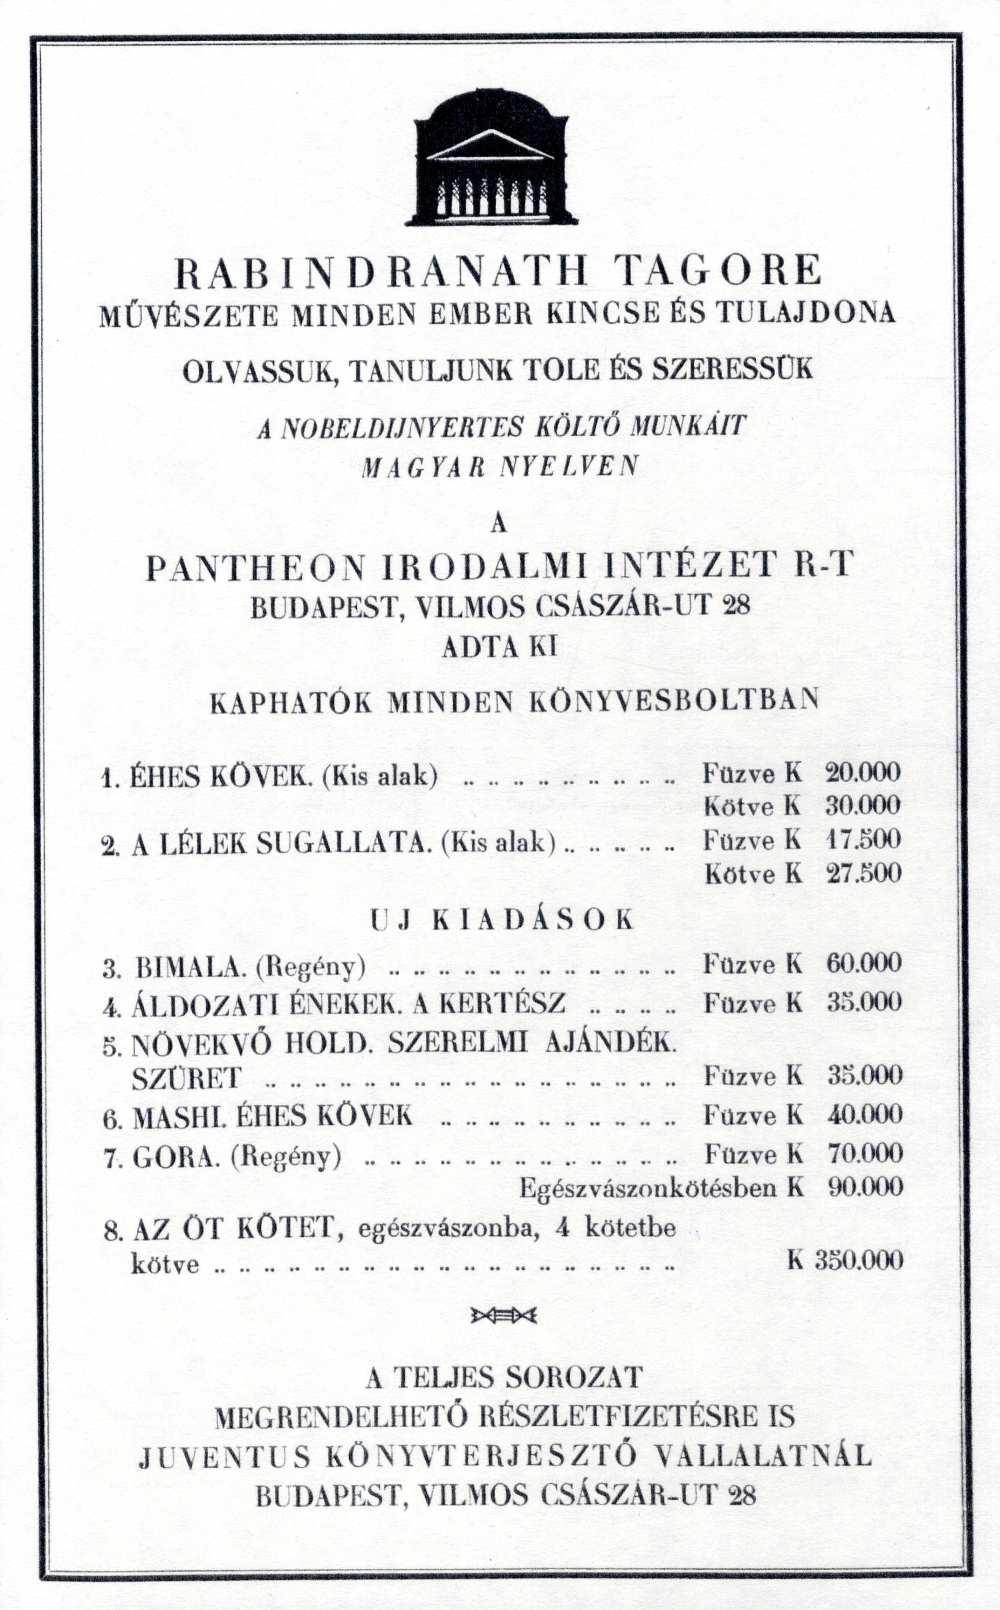 Meghívó Tagore Civilizáció és fejlődés című előadására a Zeneakadémiára. Hátlap a költő műveinek a Pantheon Kiadónál megjelent köteteinek hirdetésével –Térkép-, Plakát- és Kisnyomtatványtár